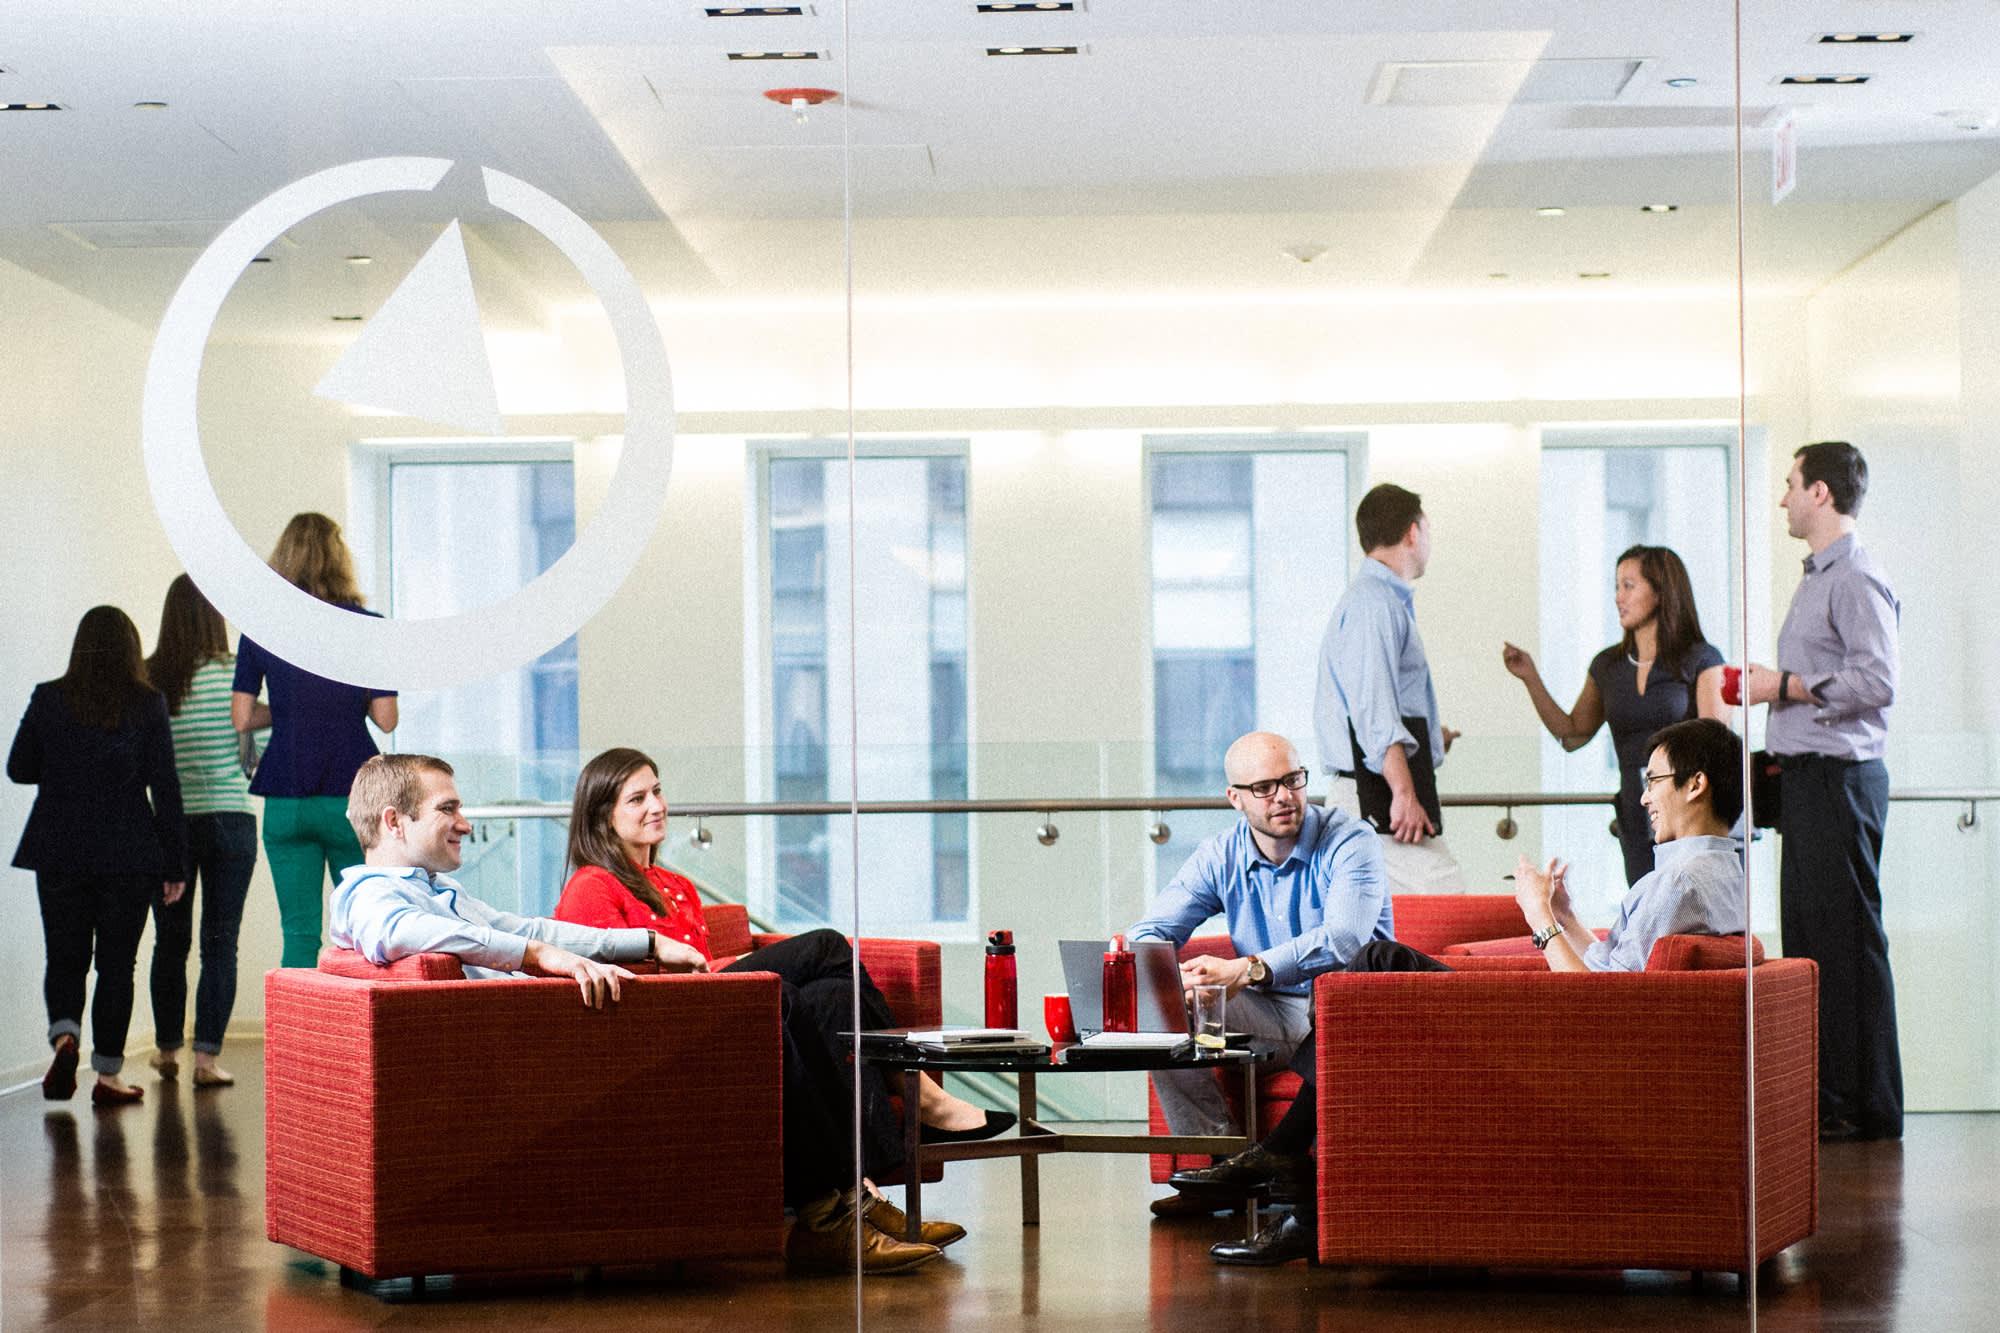 Glassdoor: The best places to work in 2019